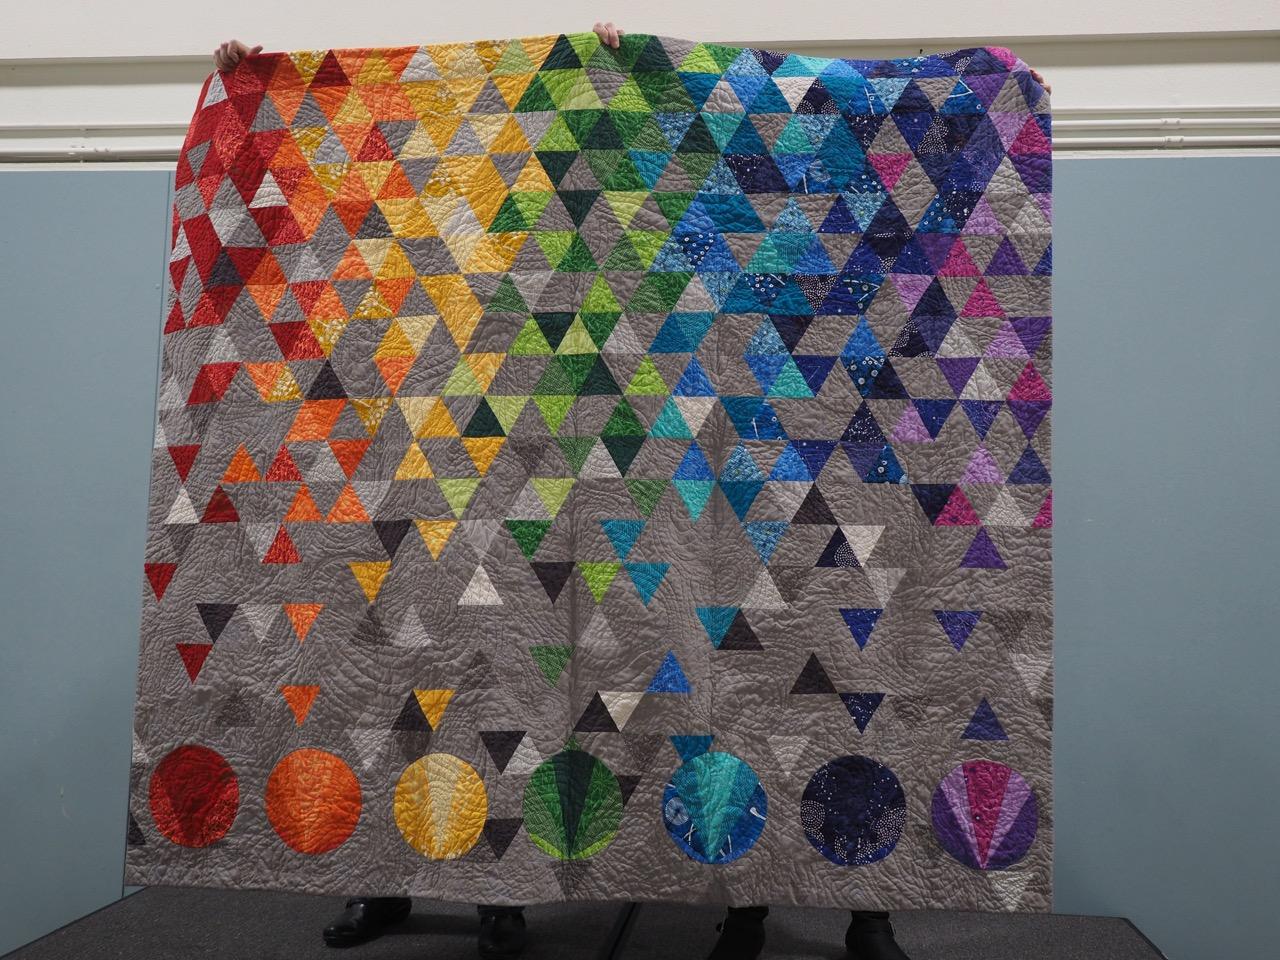 The Rainbow Goblins by Linda Nussbaum